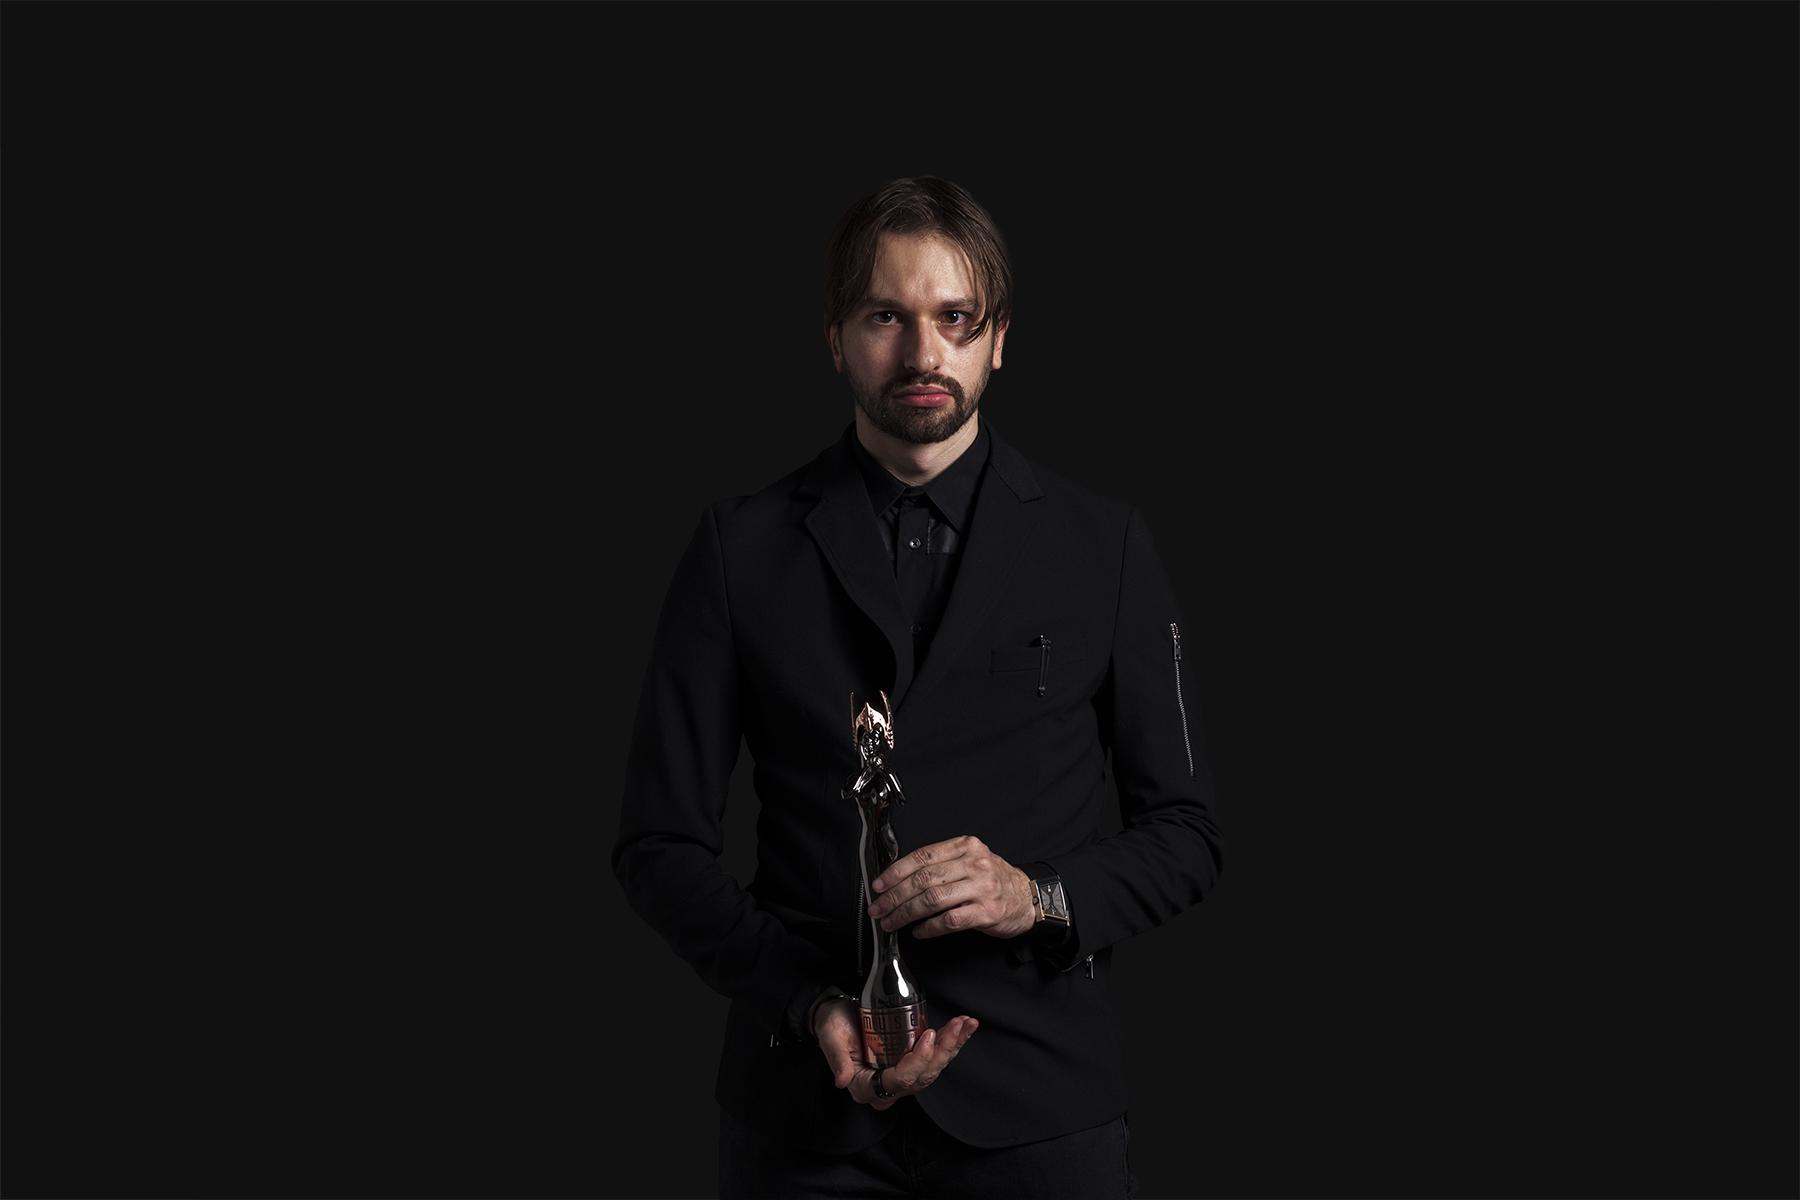 Dario Calonaci | Muse Awards Winner